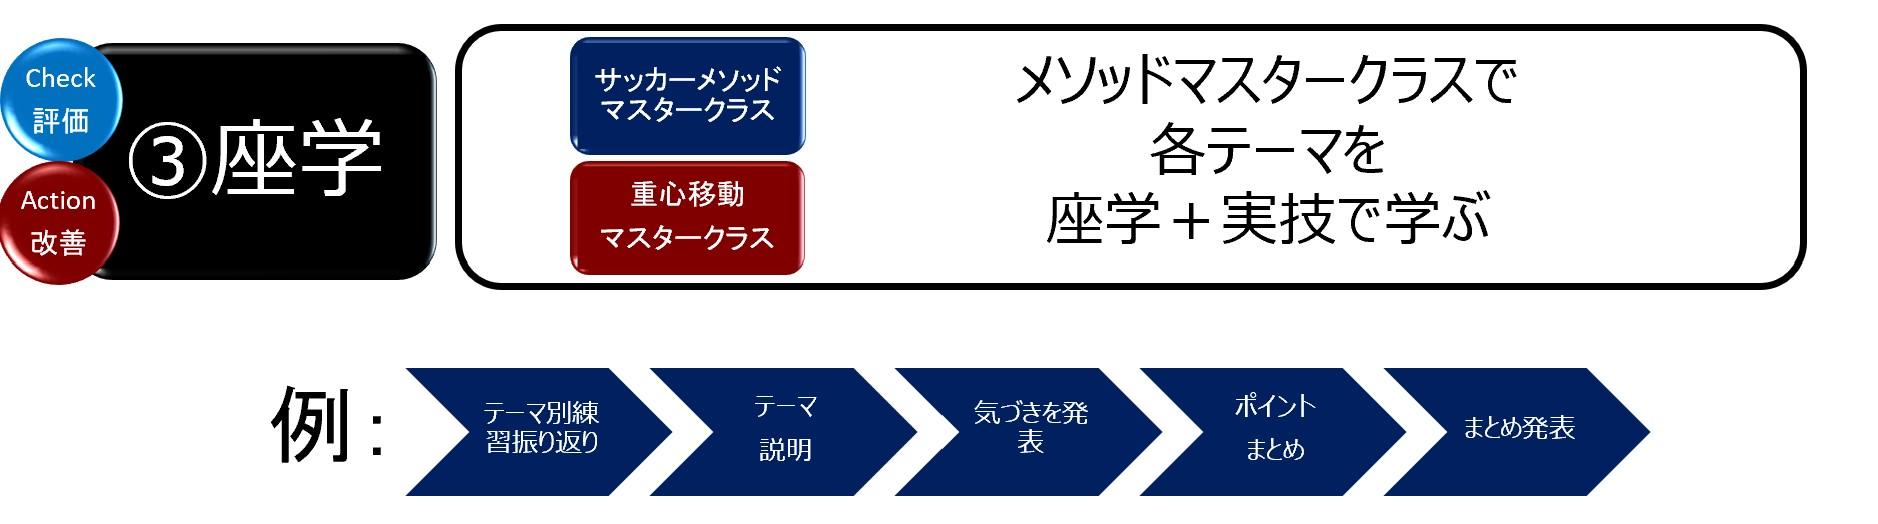 アカデミー育成サイクル_③座学